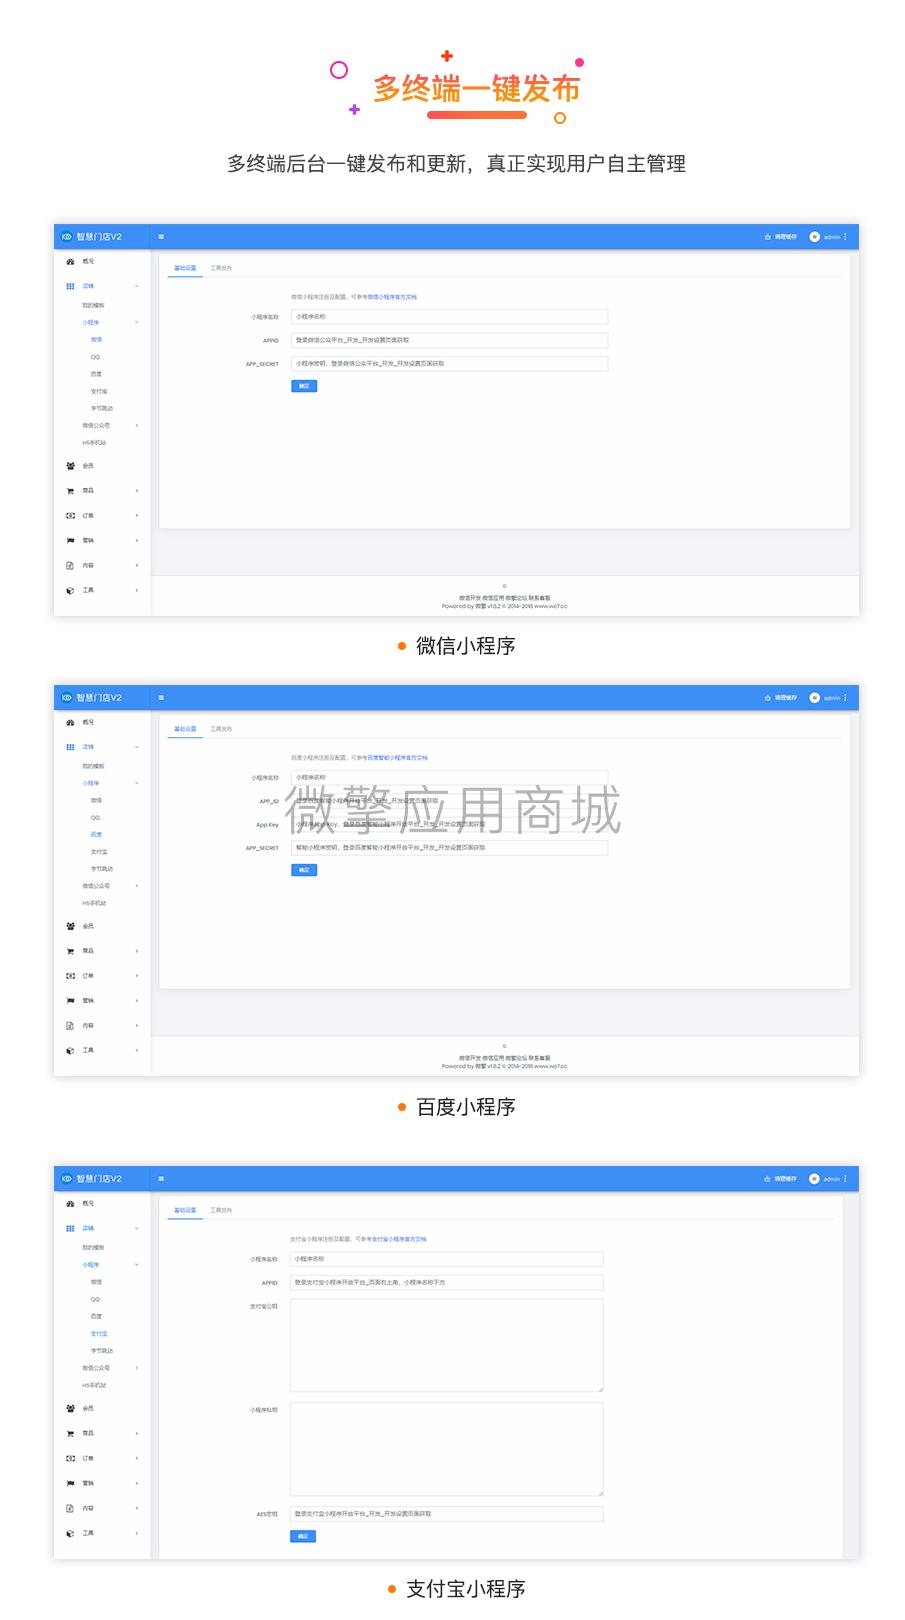 壹佰智慧商城02_01.png